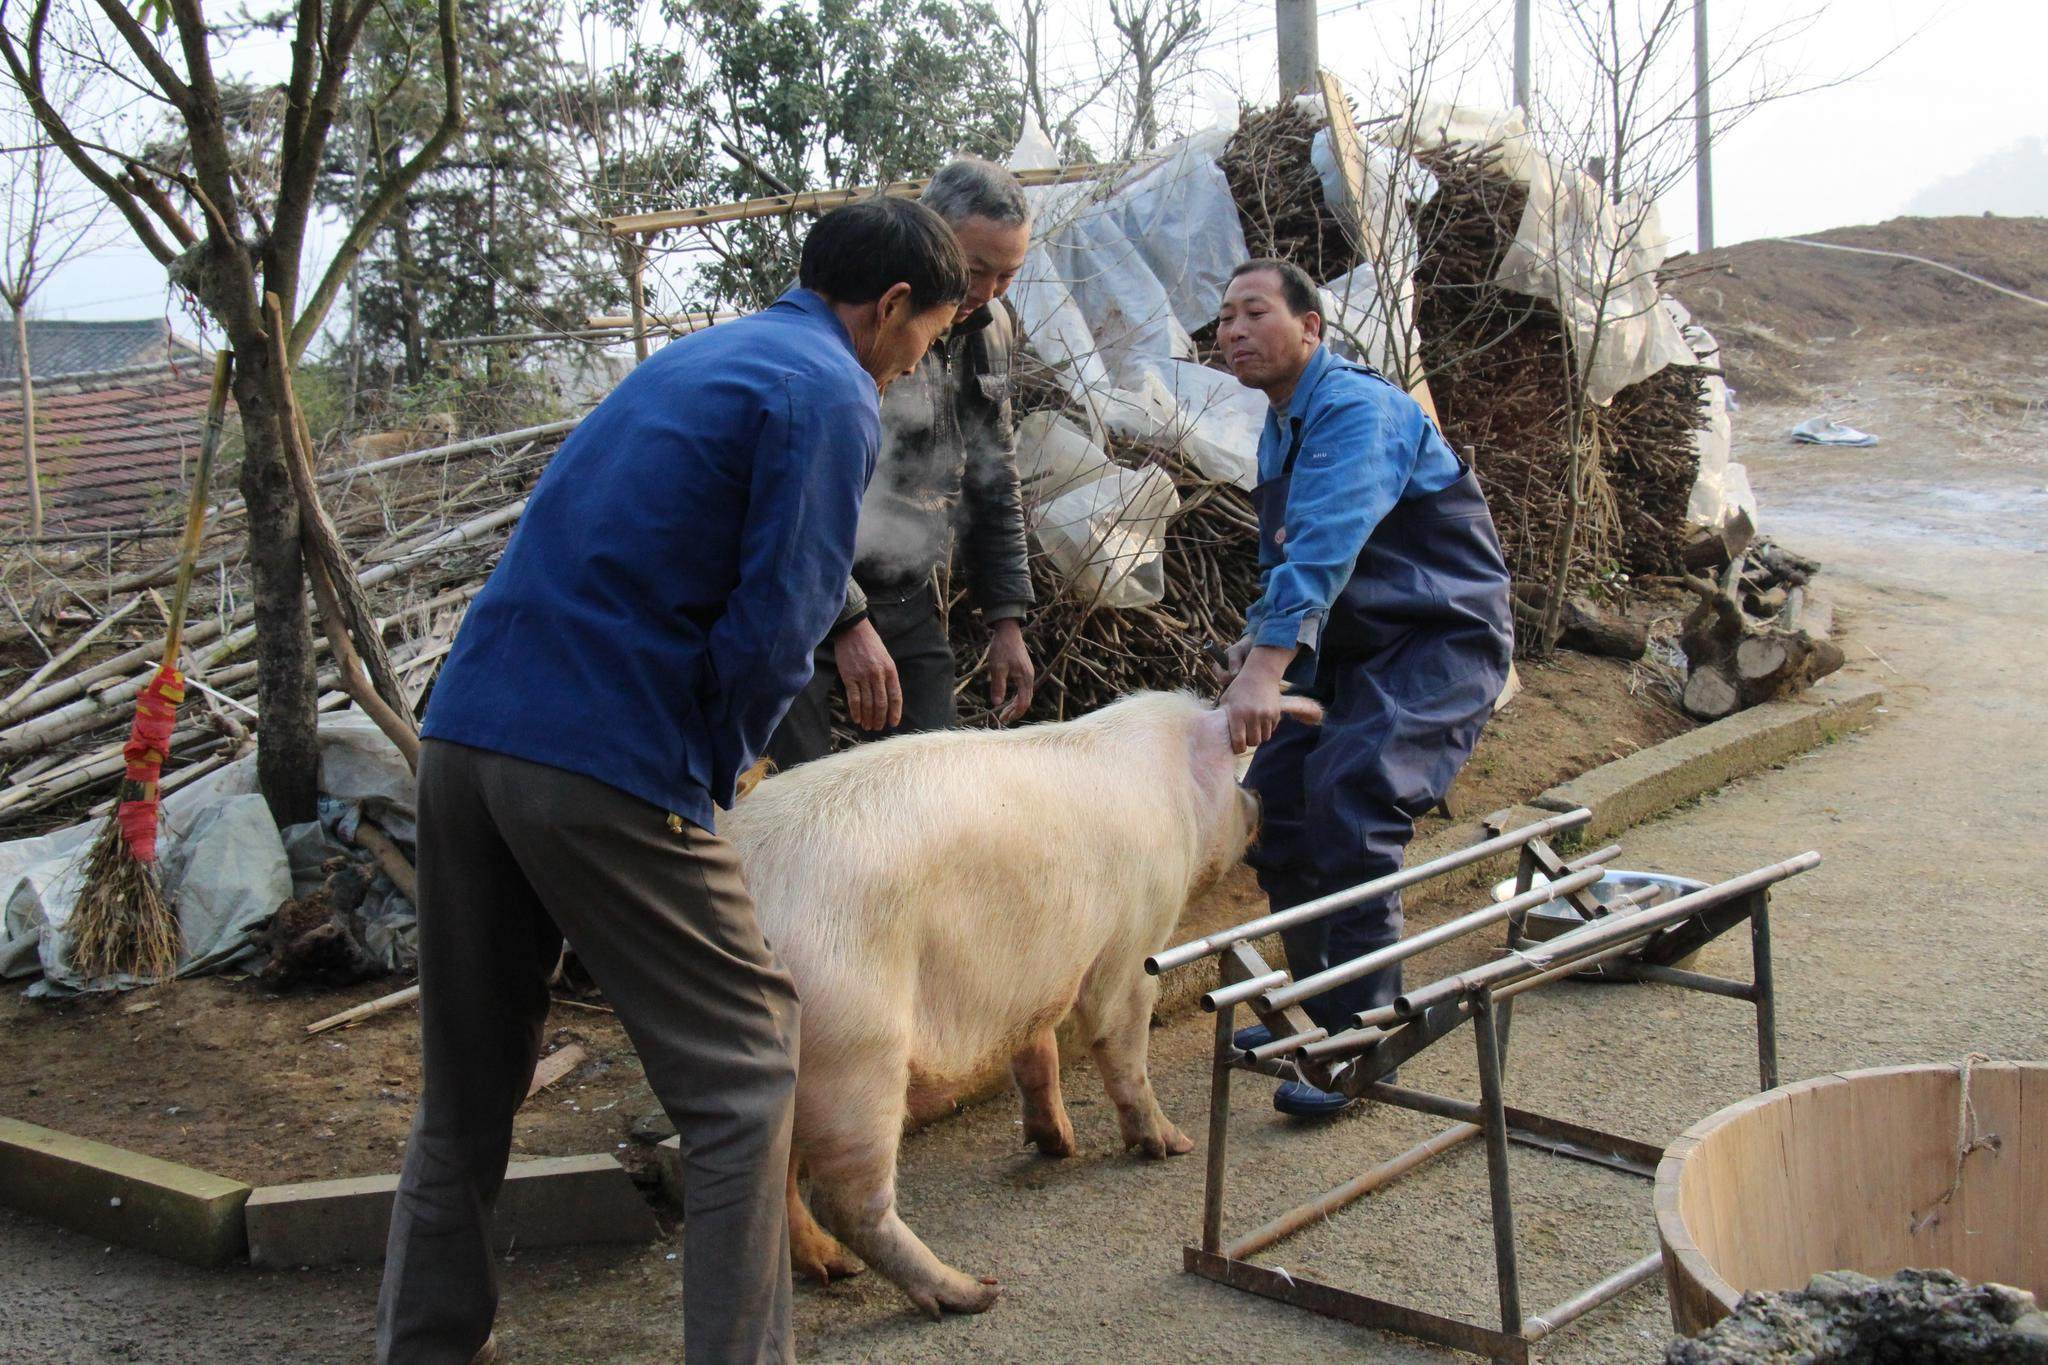 家猪被卖屠宰场,突然跪地哭泣,切开肚子后,屠夫决定不再杀猪